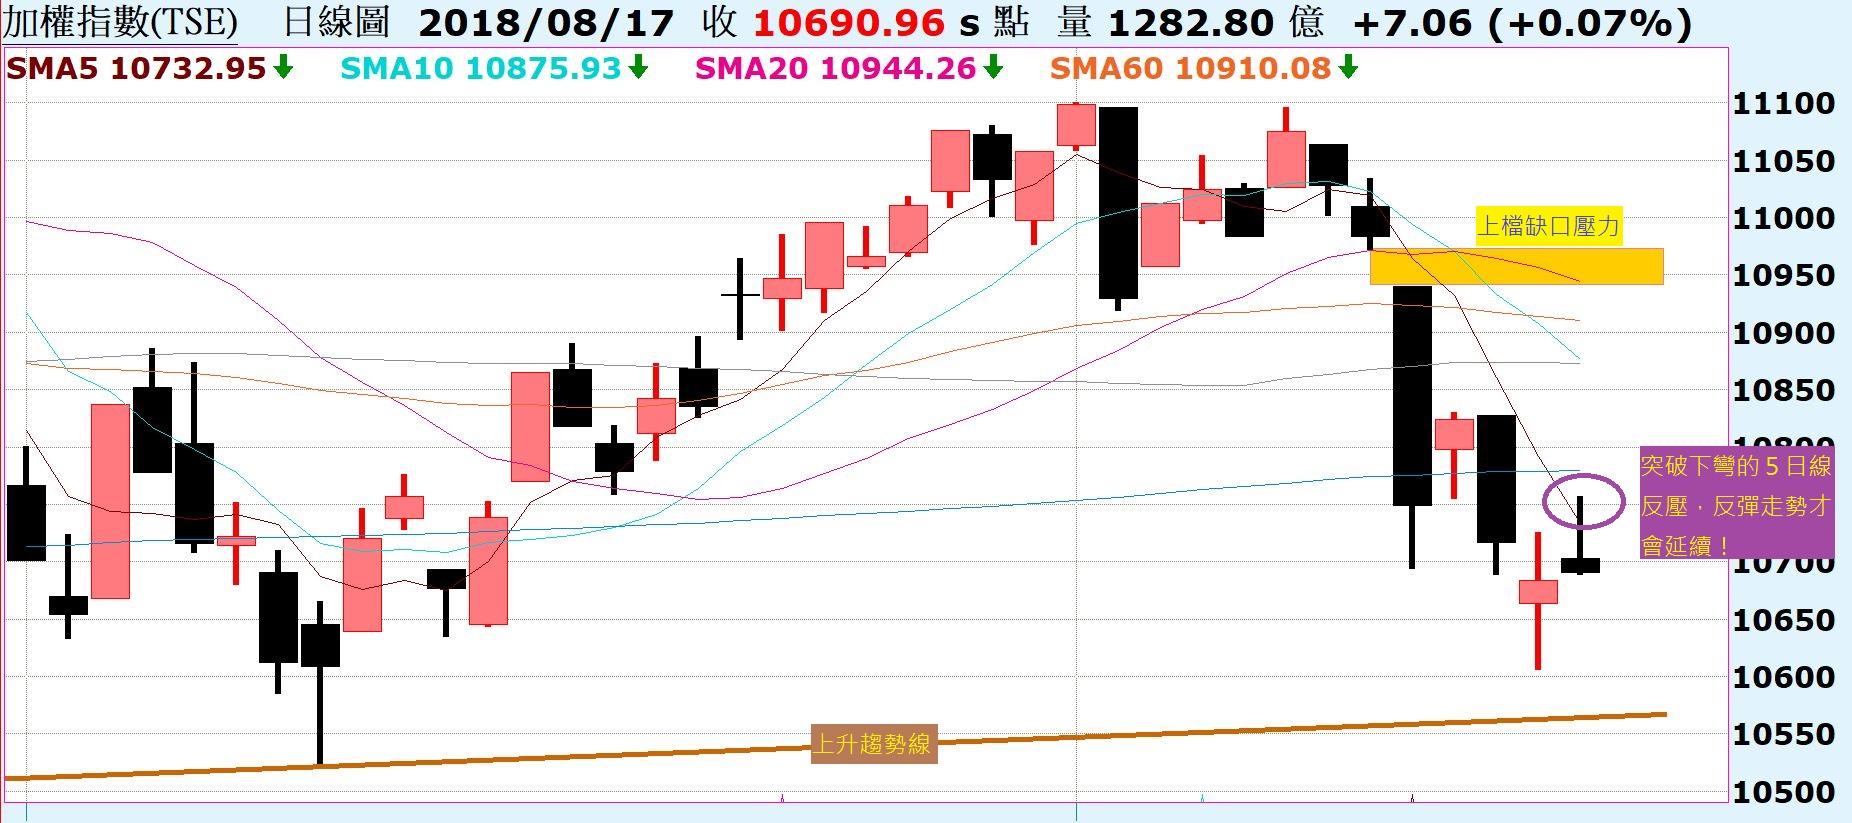 台股上檔遇壓收上影線,後續走勢如何解析?陸股上證指數持續破底,一低還有一低低!